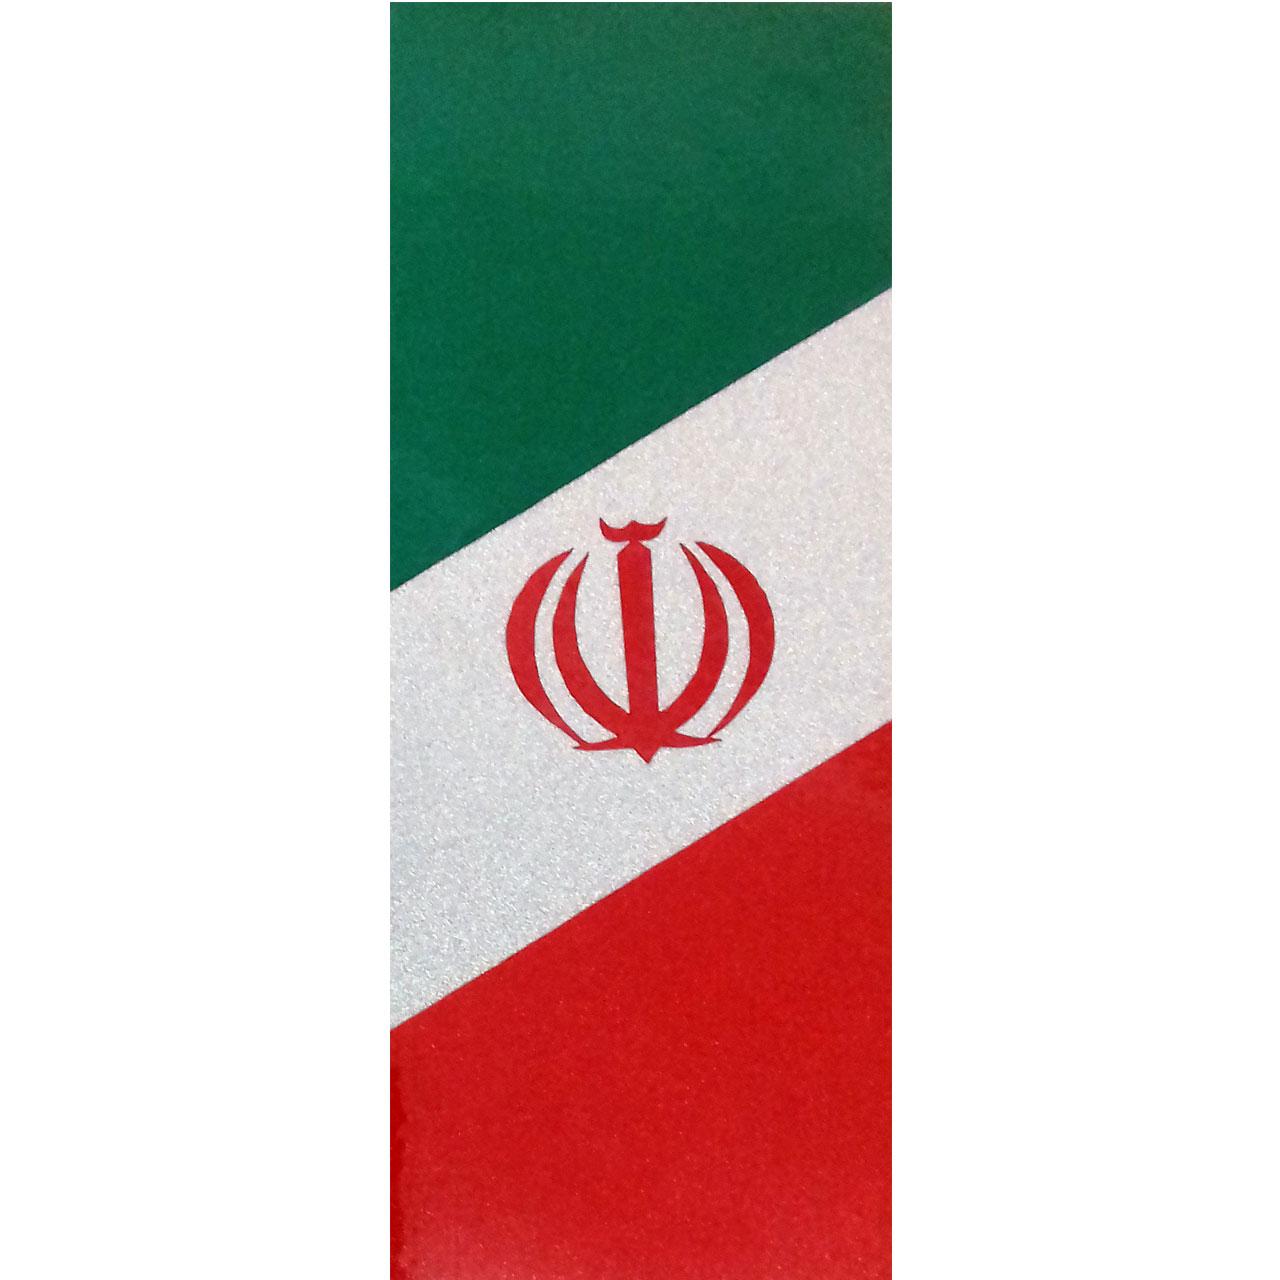 برچسب پلاک خودرو طرح پرچم ایران مدل BR32 بسته 2 عددی